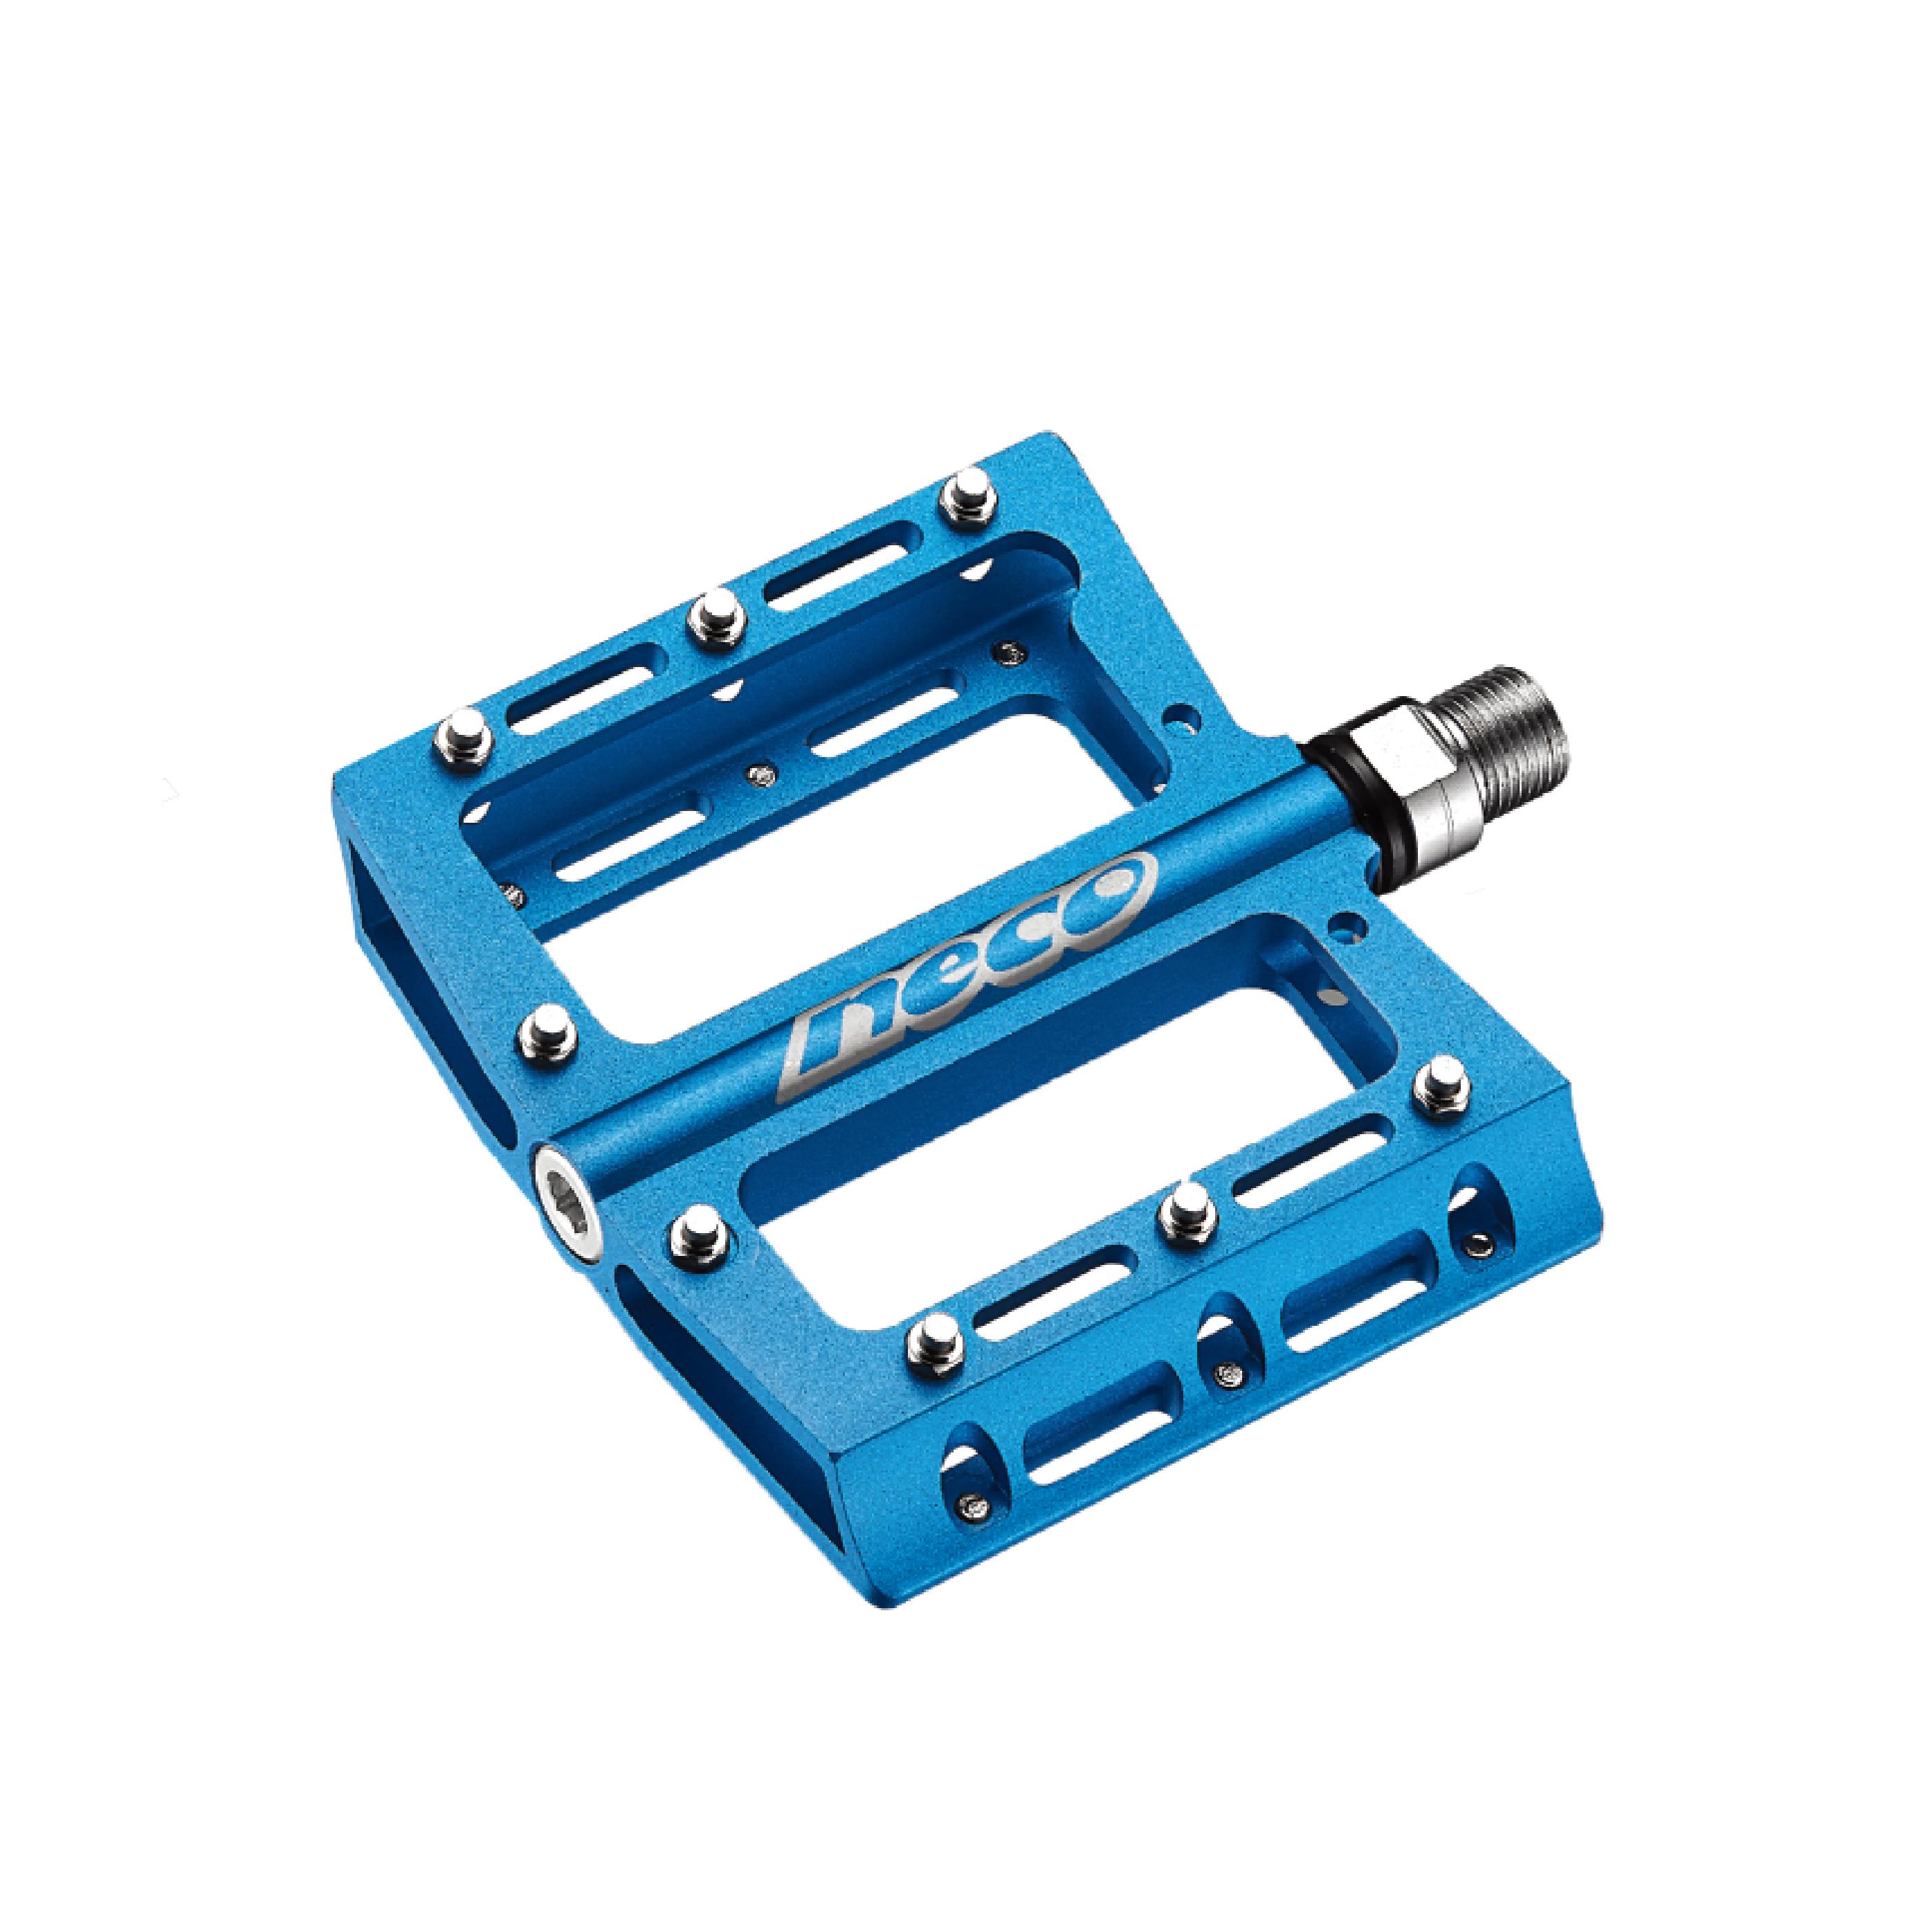 クリップレス、CNCシリーズ - BMX、ロードバイクまたはマウンテンバイクの場合。 Cr-Moアクスル、シールドベアリング。